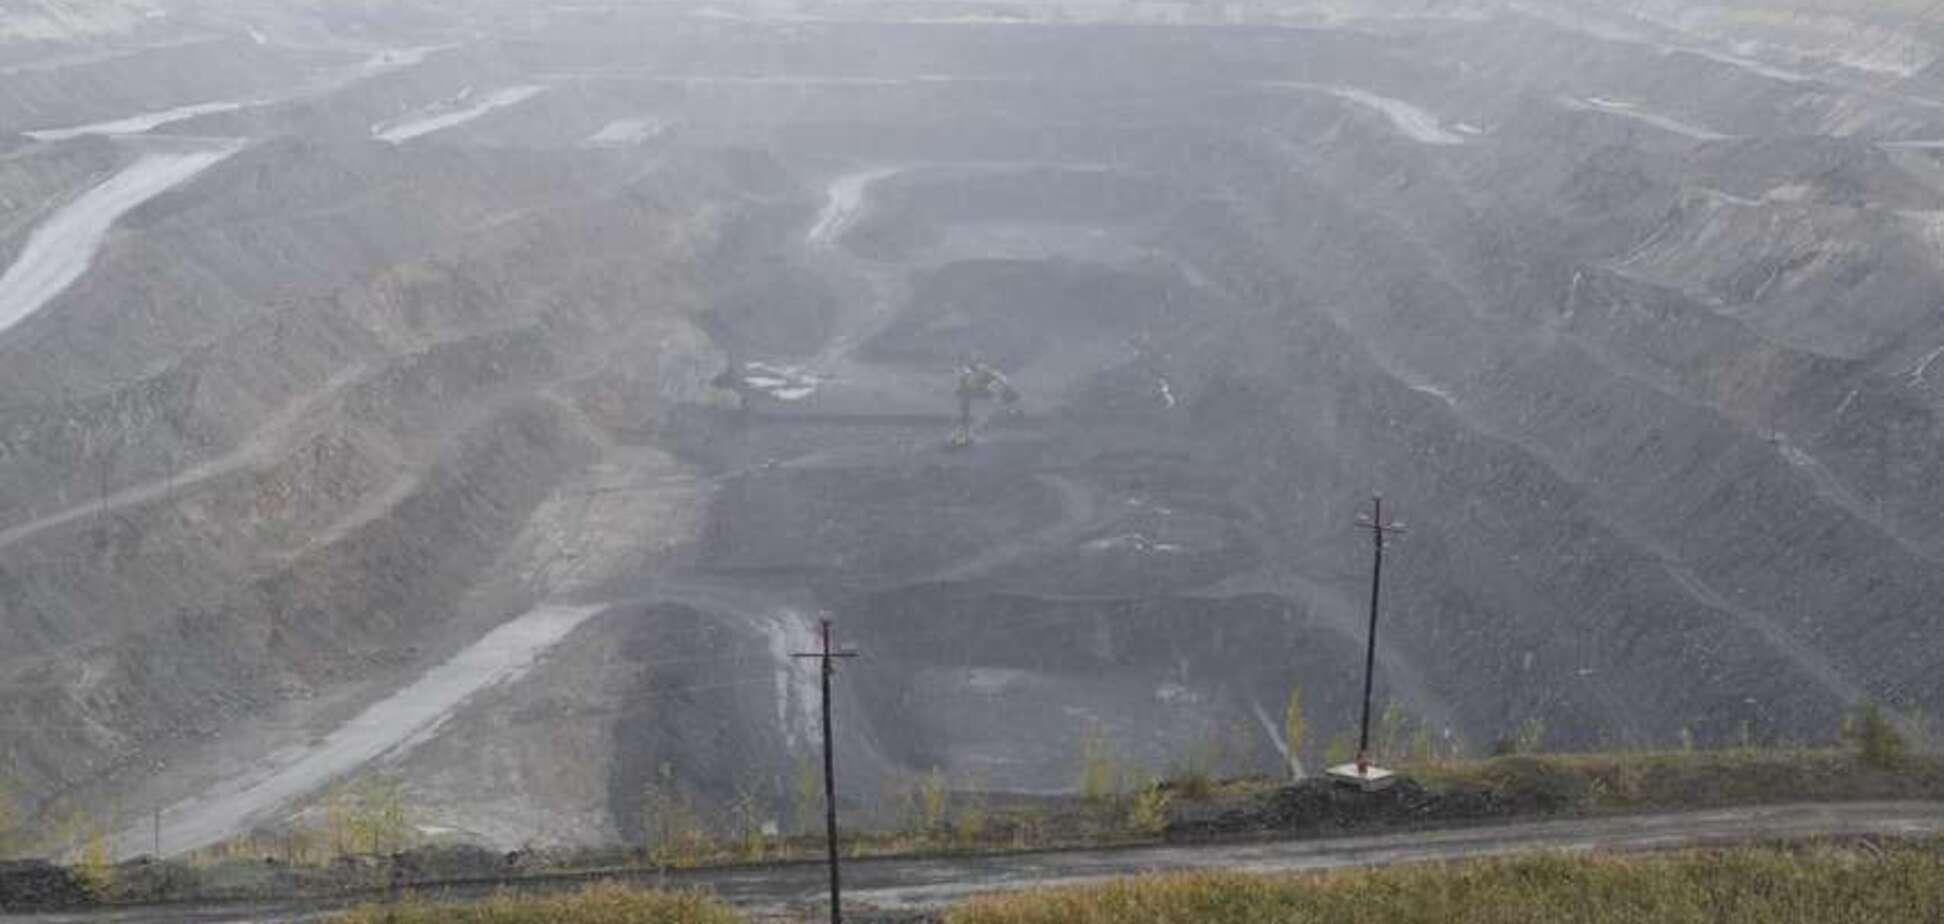 Экокатастрофа на Полтавщине вышла из-под контроля местной и центральной власти, – эколог